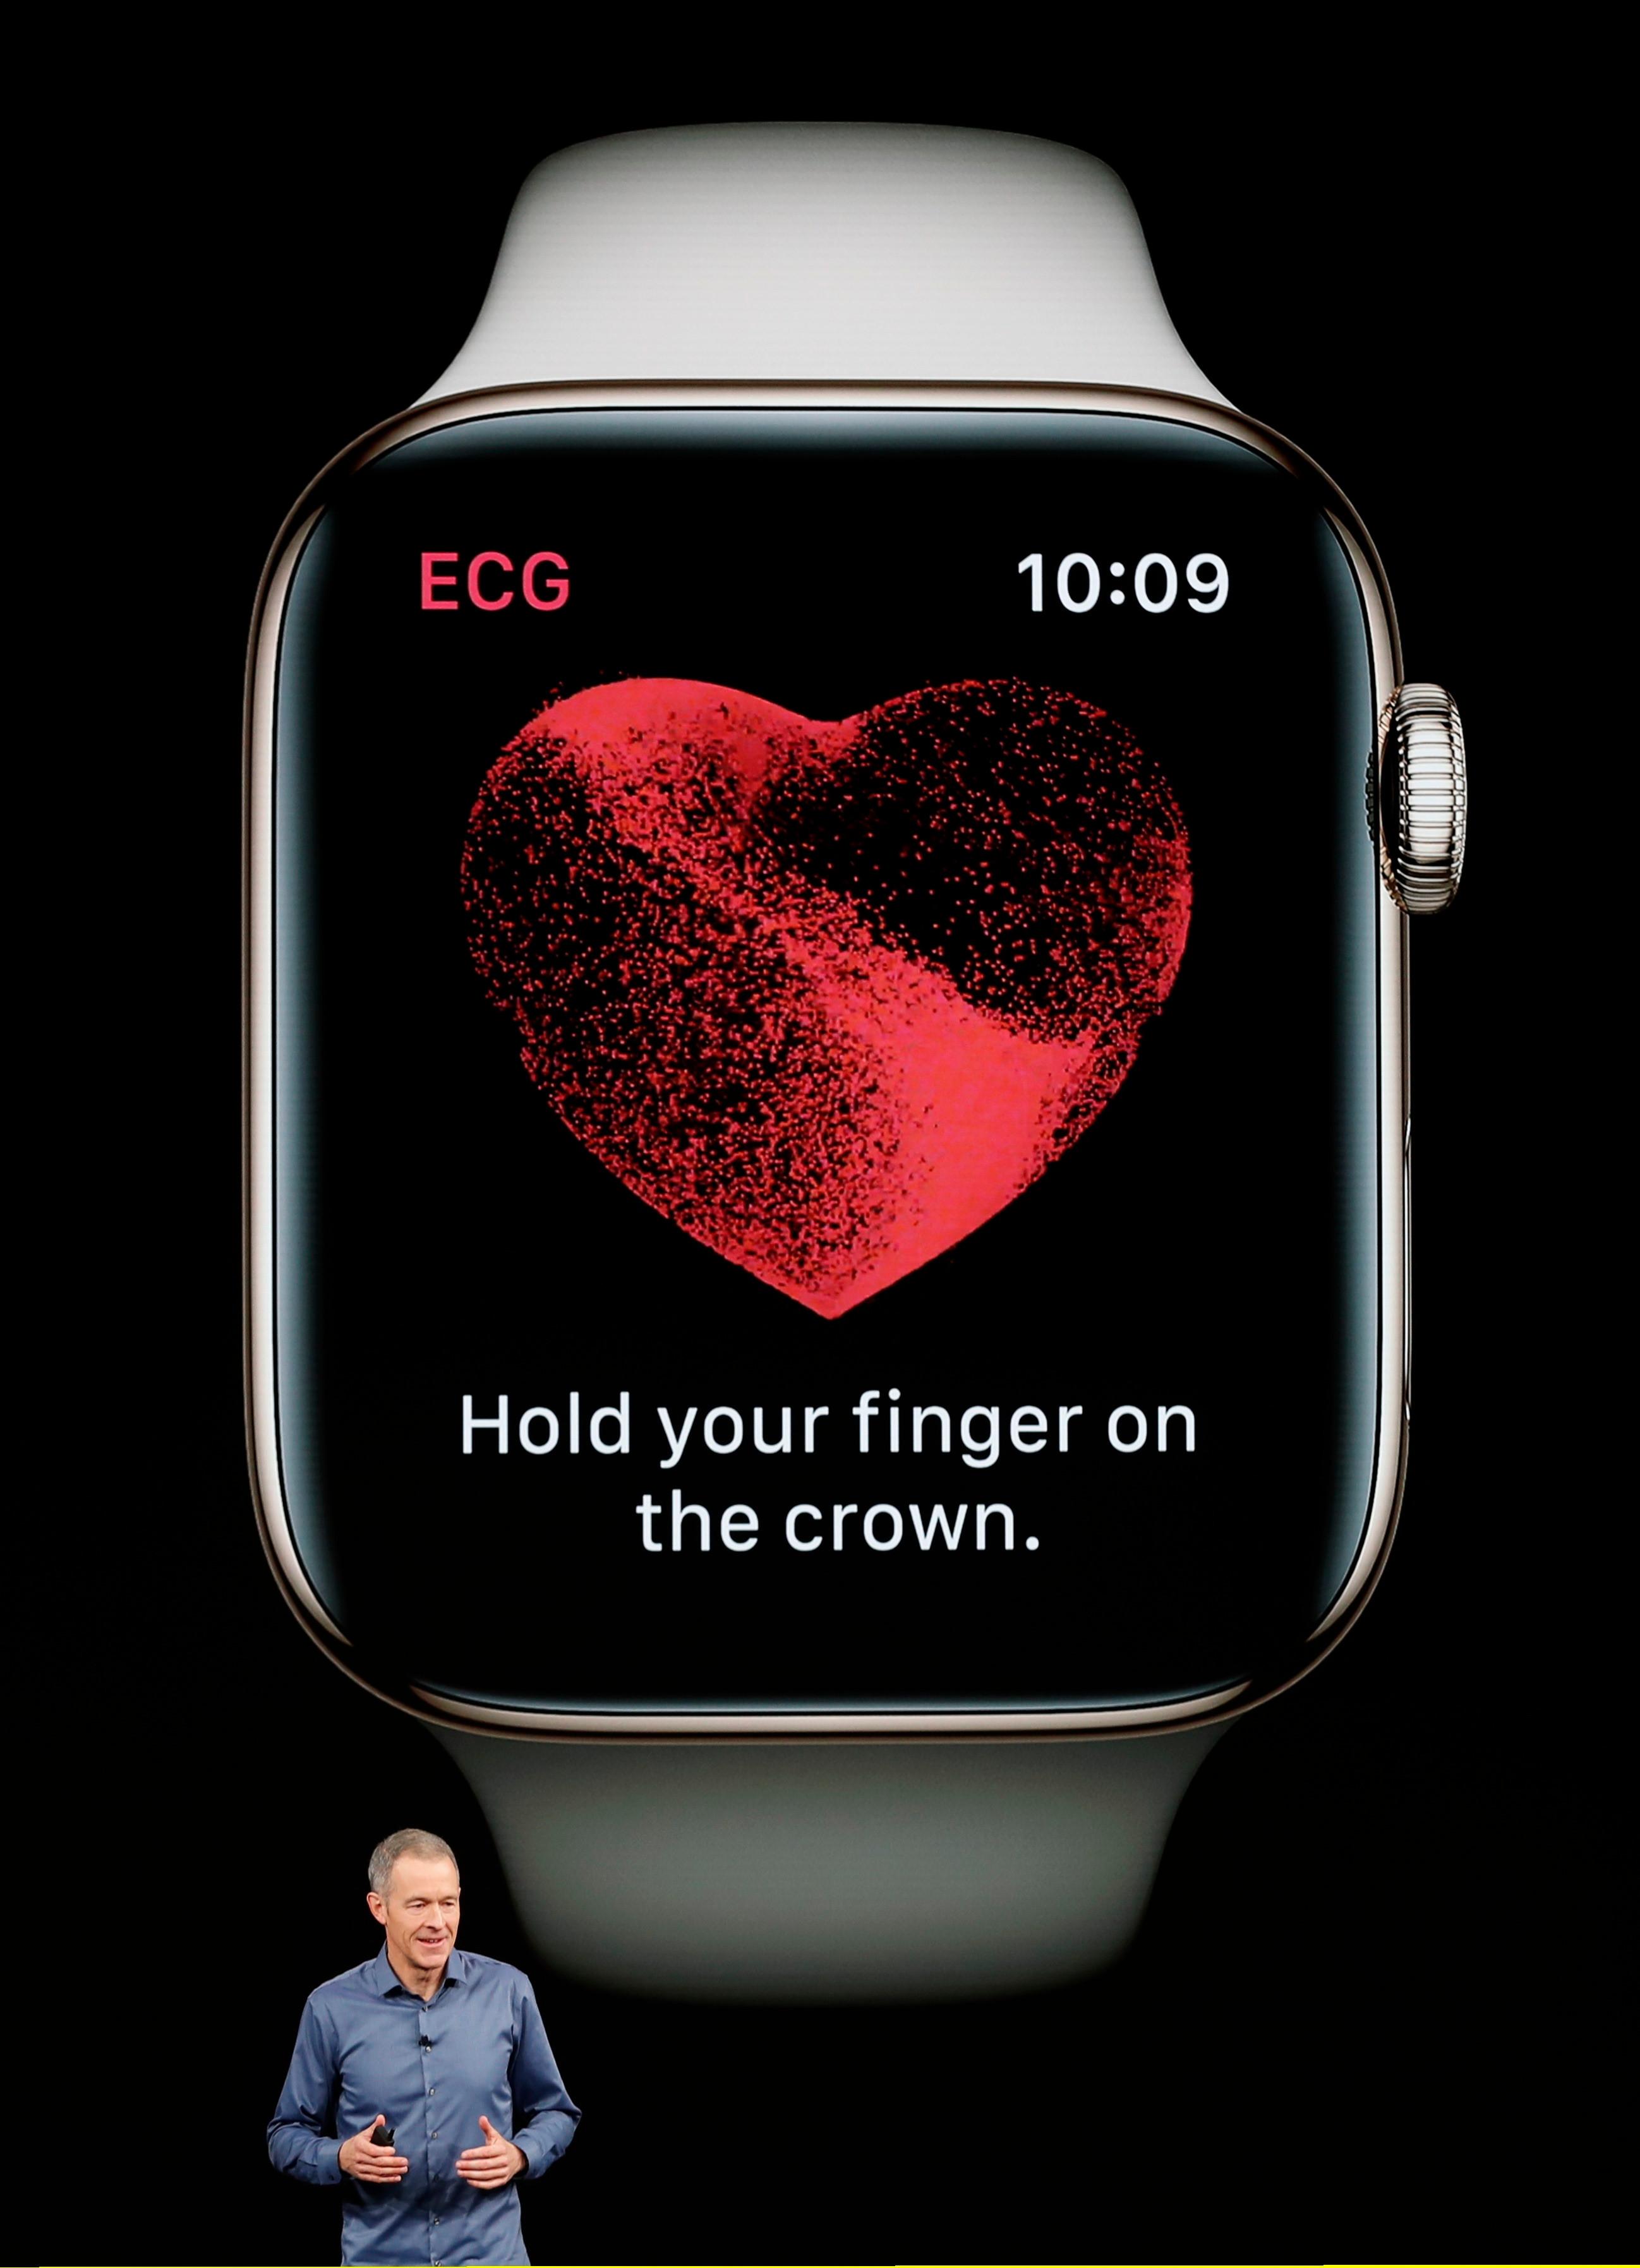 Дека Apple Watch 4 има импресивни нови функции, вклучително и внатрешна алатка ЕКГ за откривање на проблеми со срцето